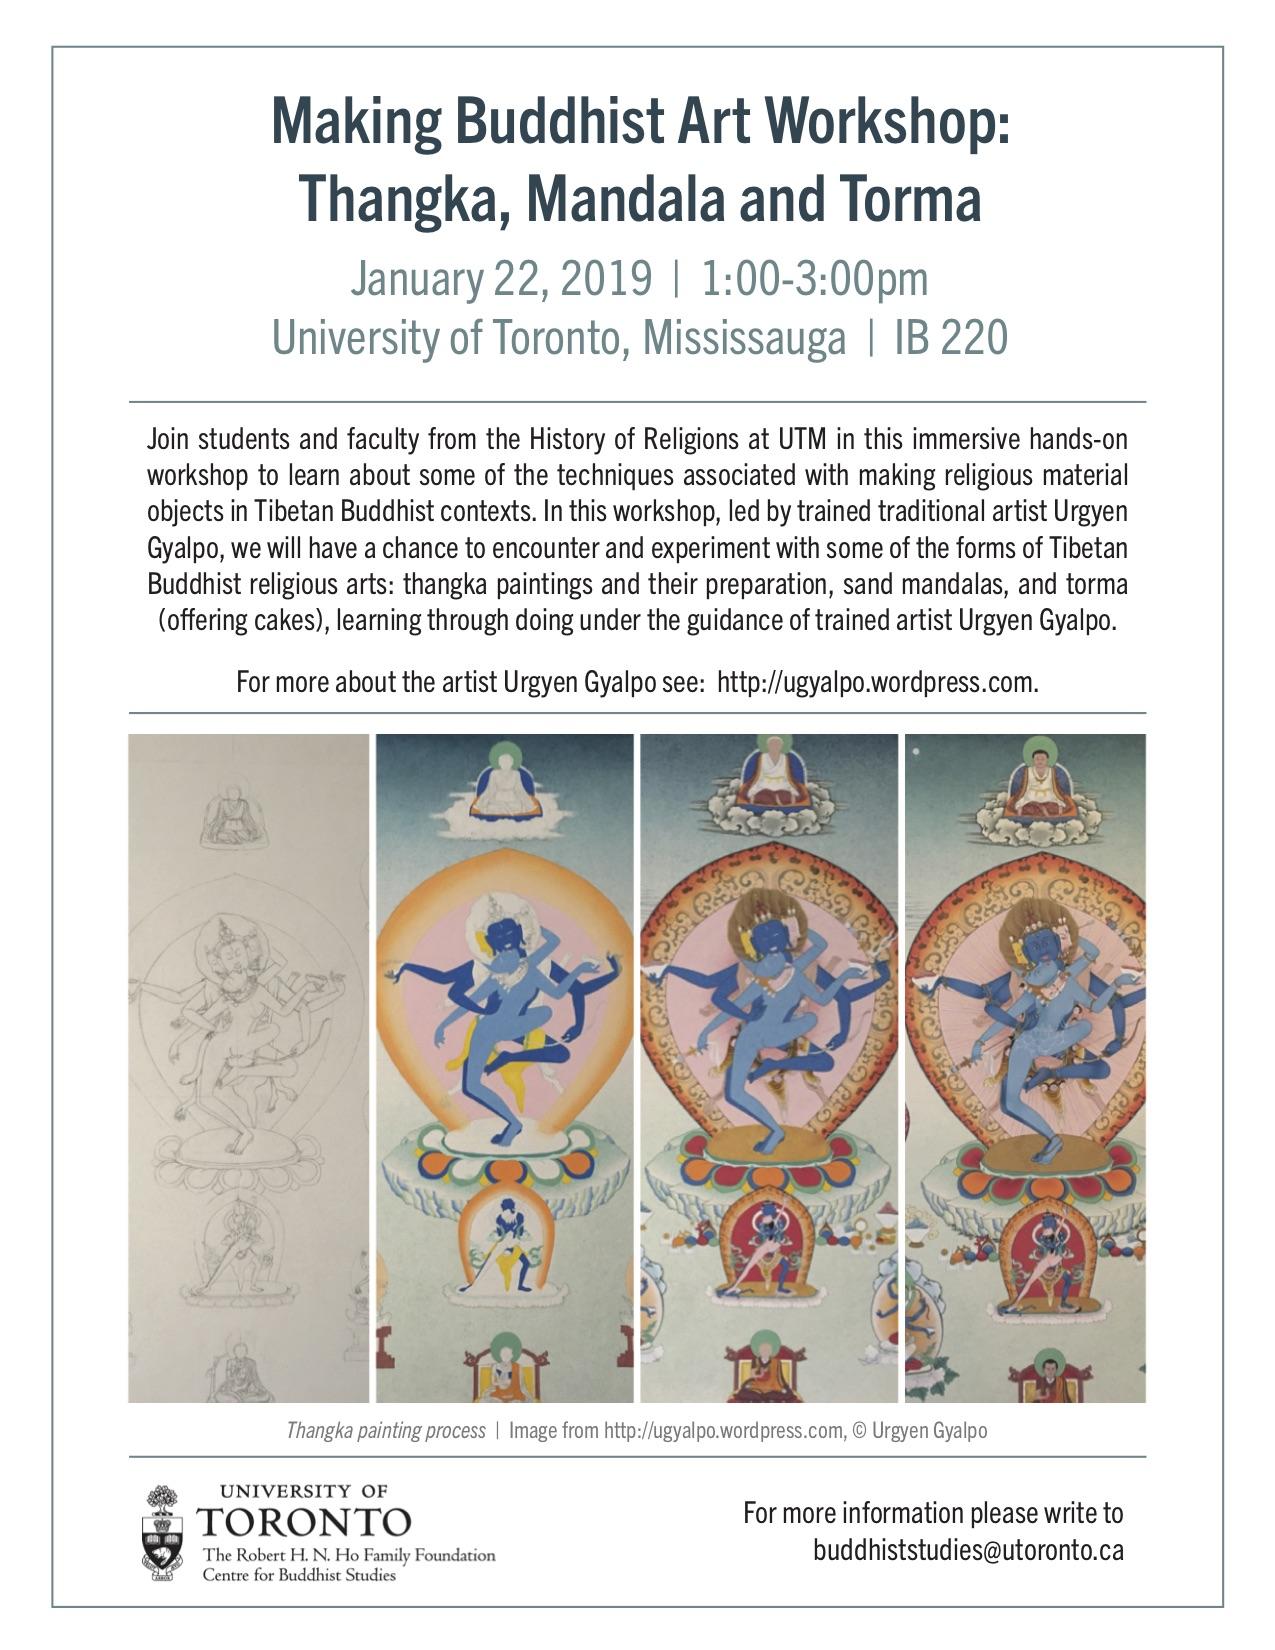 3. buddhist art workshop poster